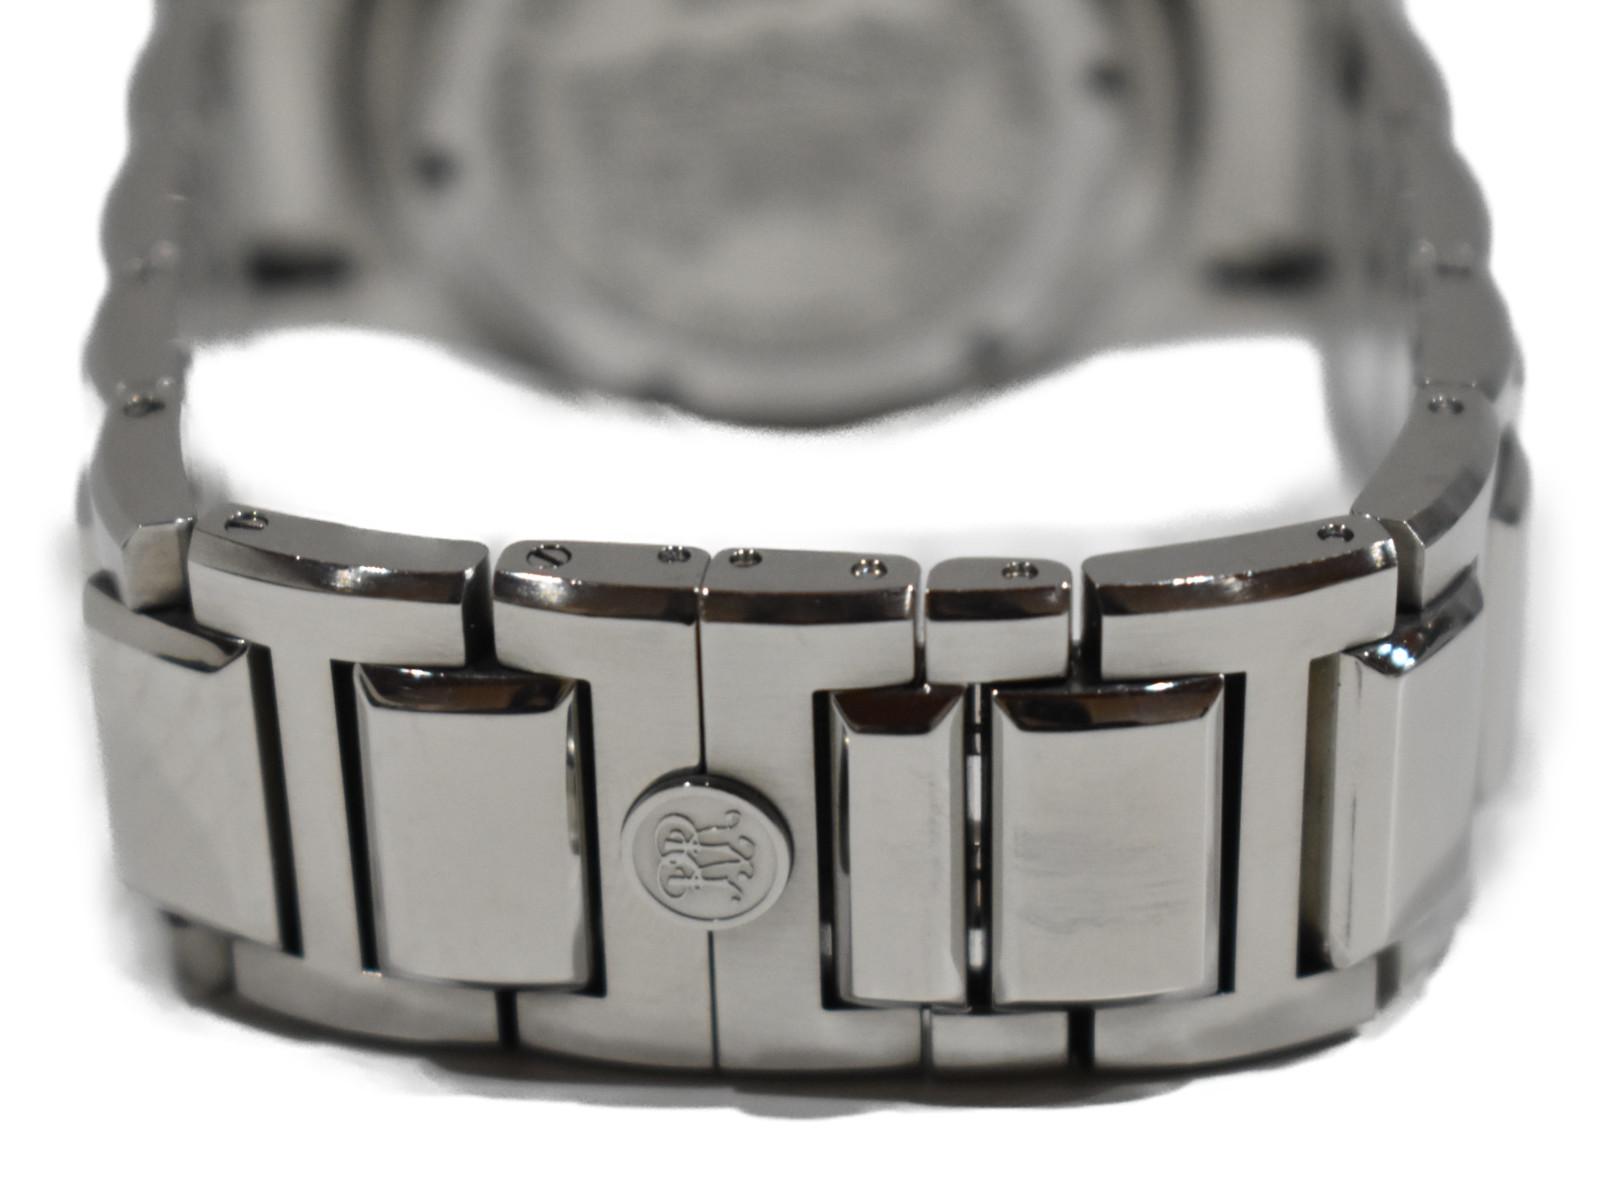 日本限定100本BALLマーベライトジャパンリミテッド NM2026C S10J100 76ステンレススチール 自動巻き レディース メンズ ユニセックス 腕時計 限定品 プレゼント包装可4q3RcAL5j